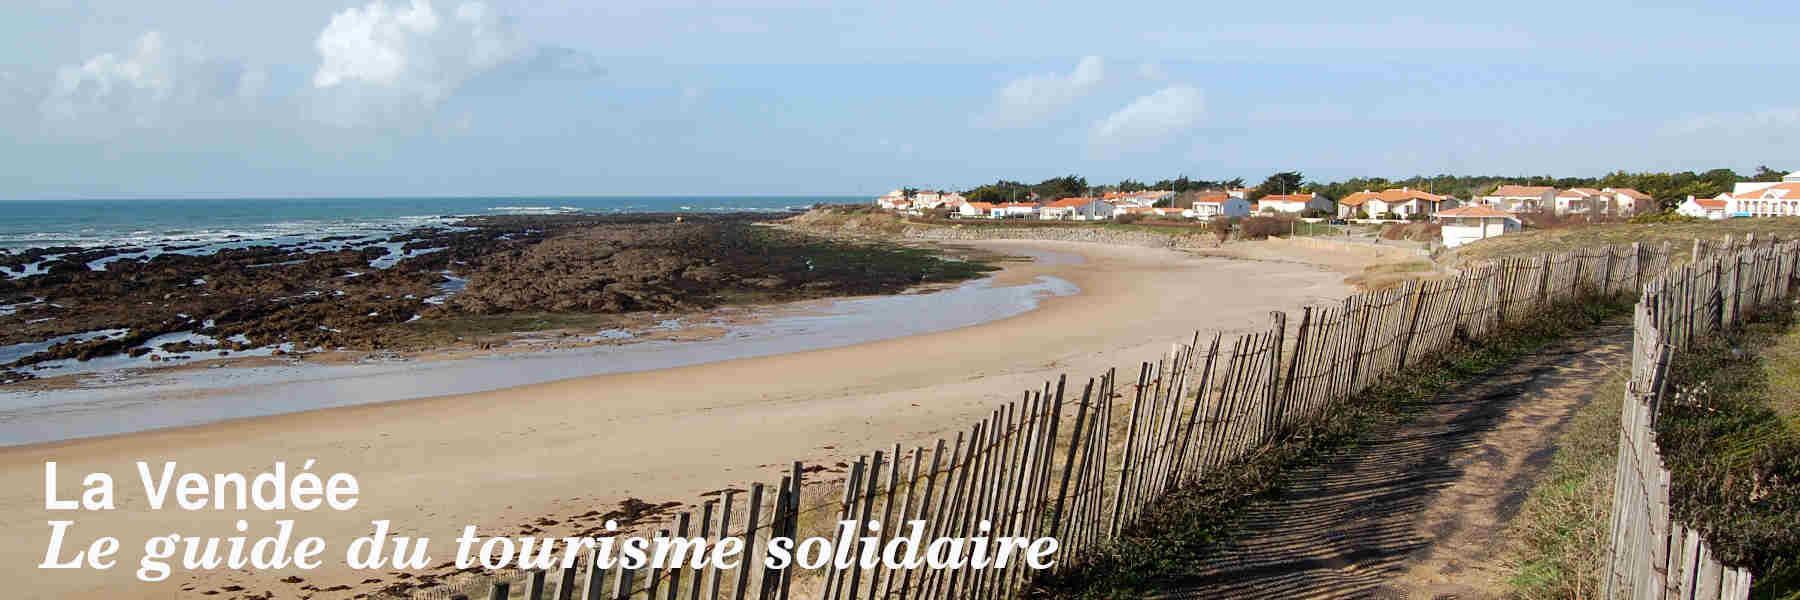 Le guide du tourisme solidaire en Vendée